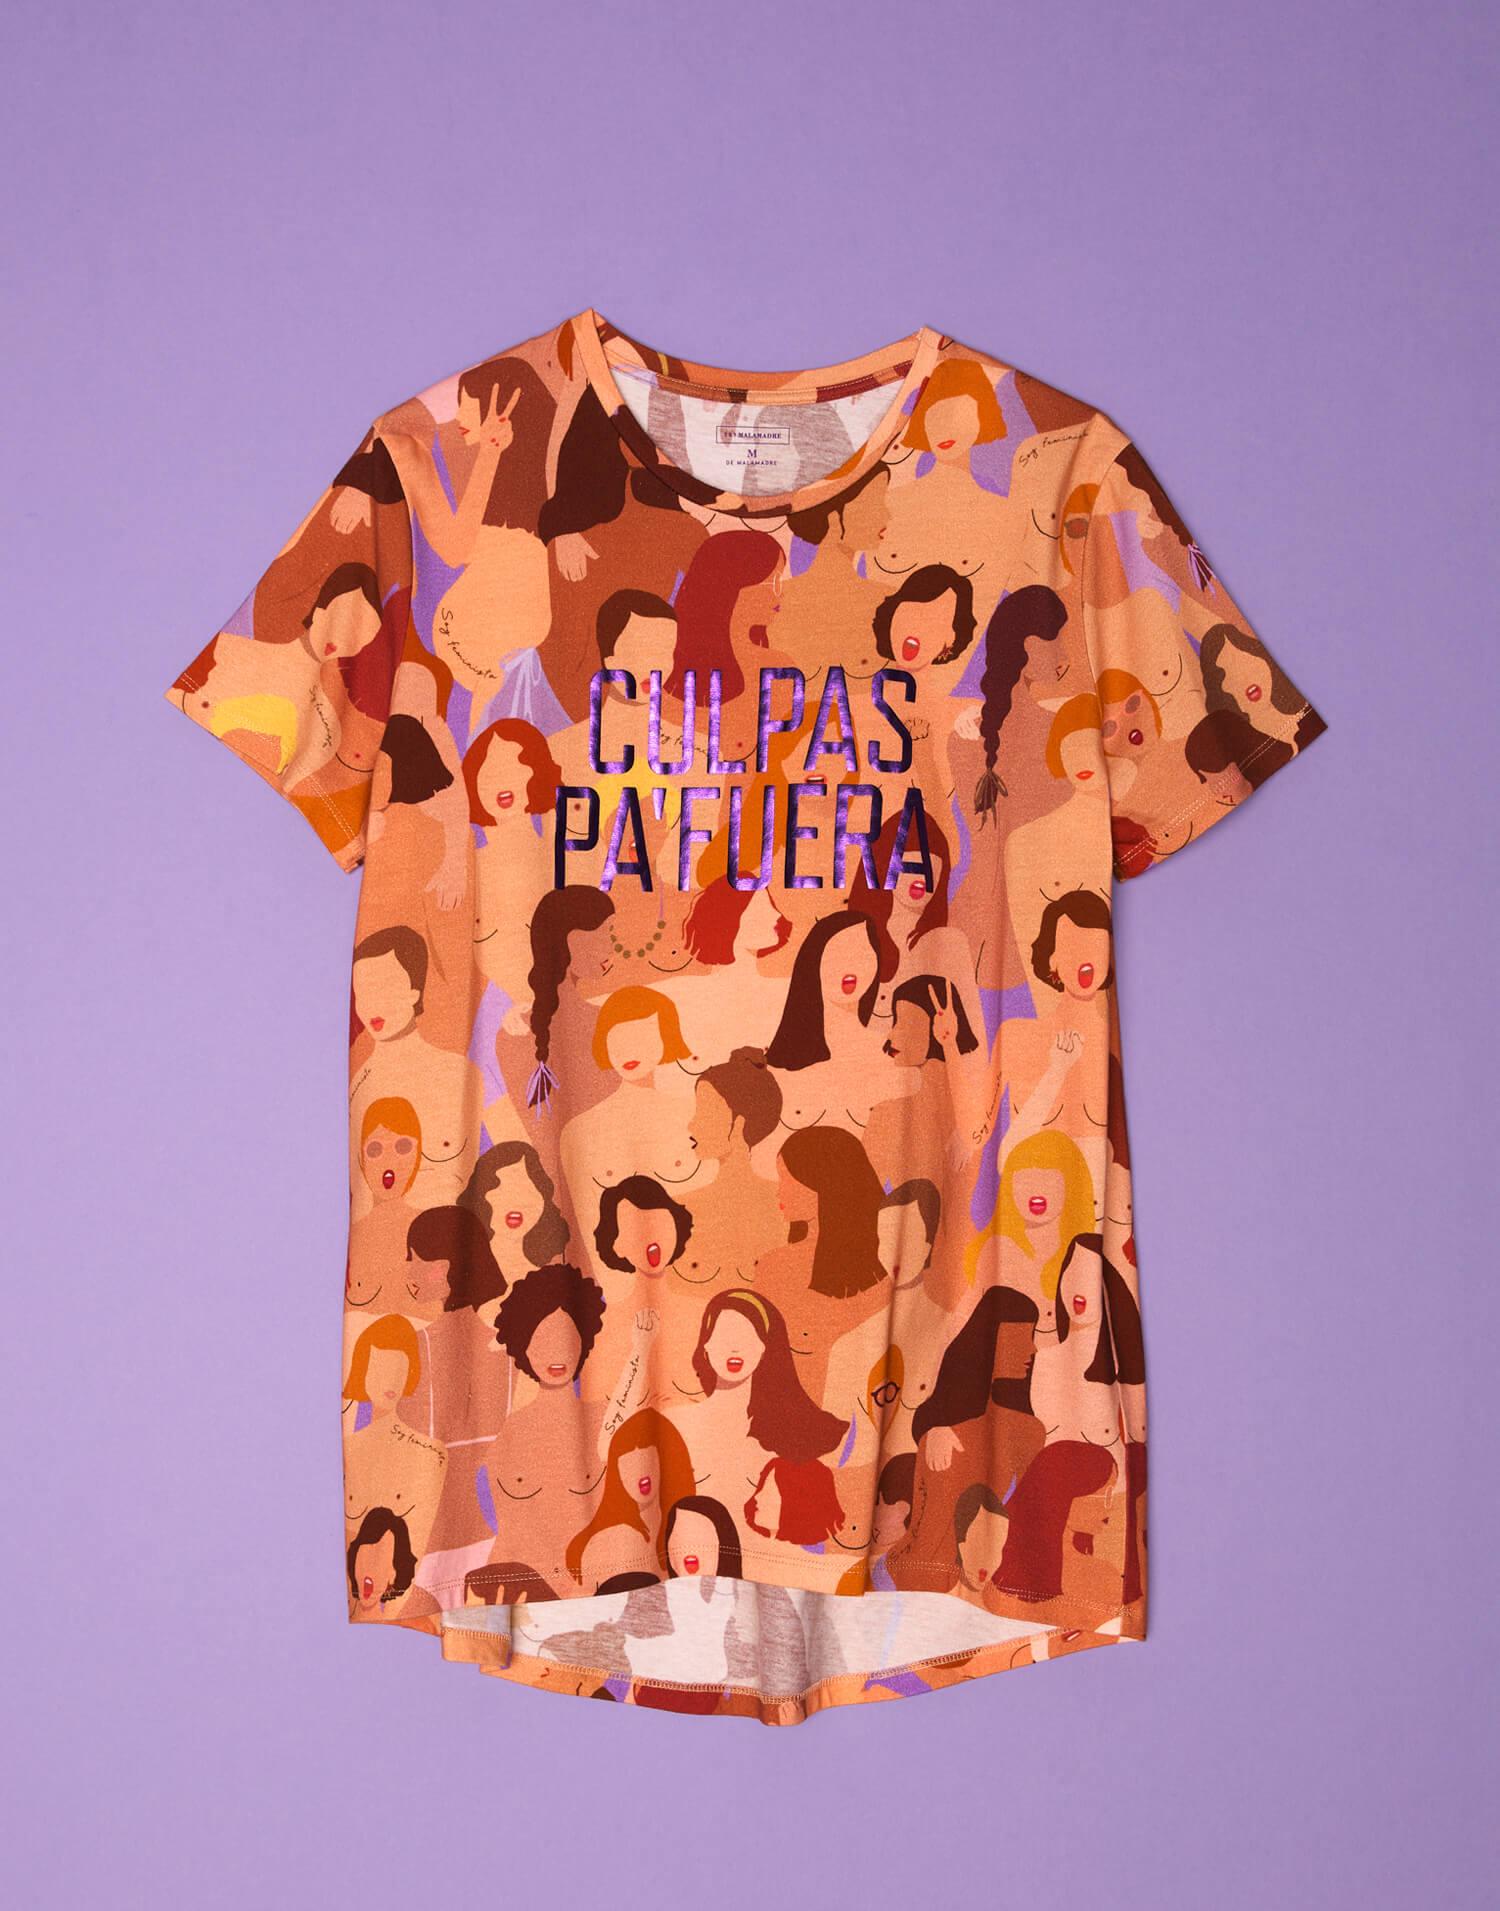 Camiseta 'Culpas pa'fuera'